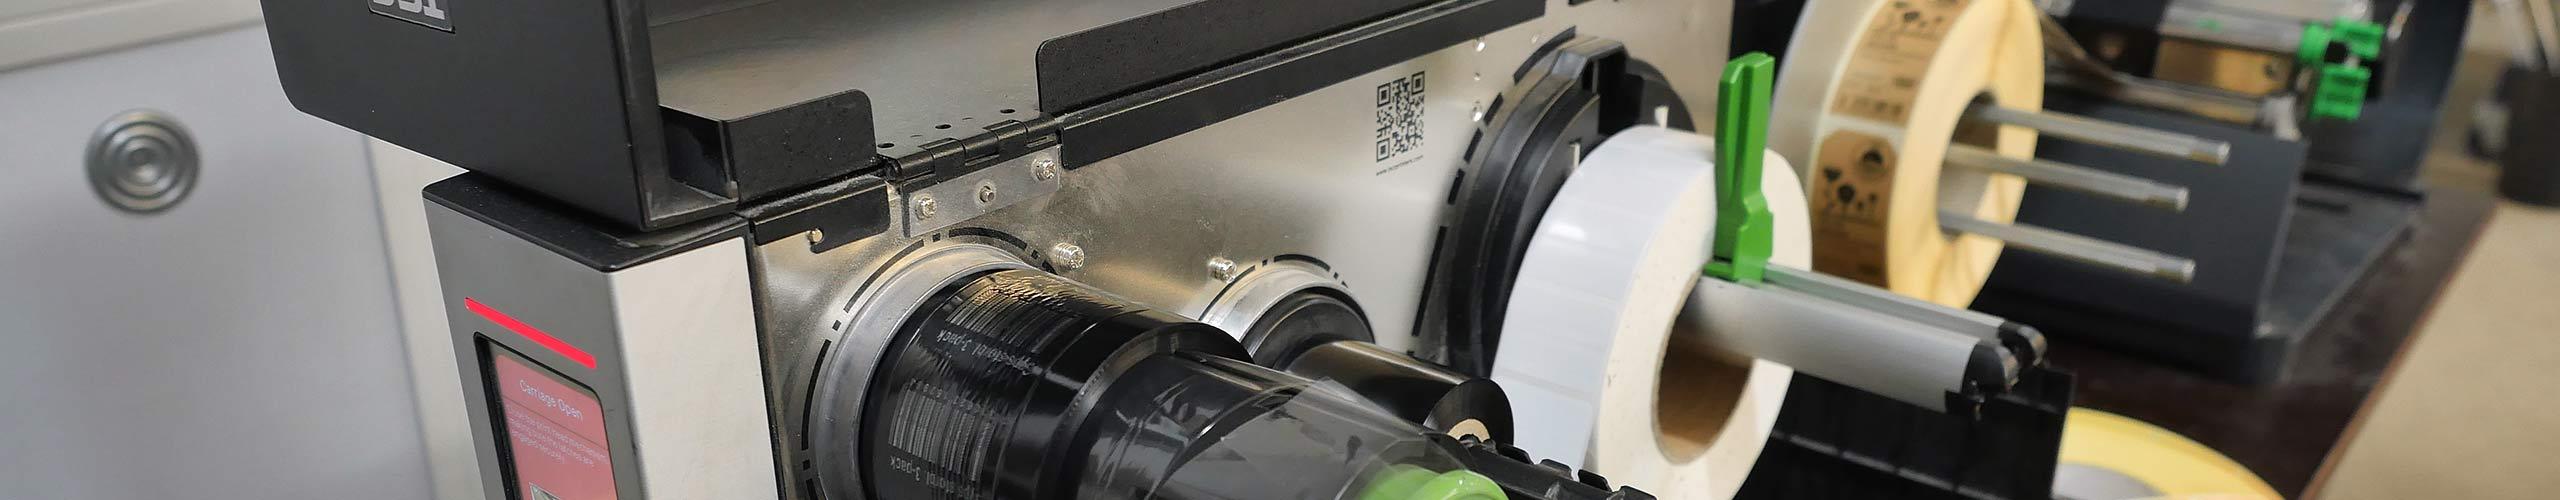 Robotag printshop service